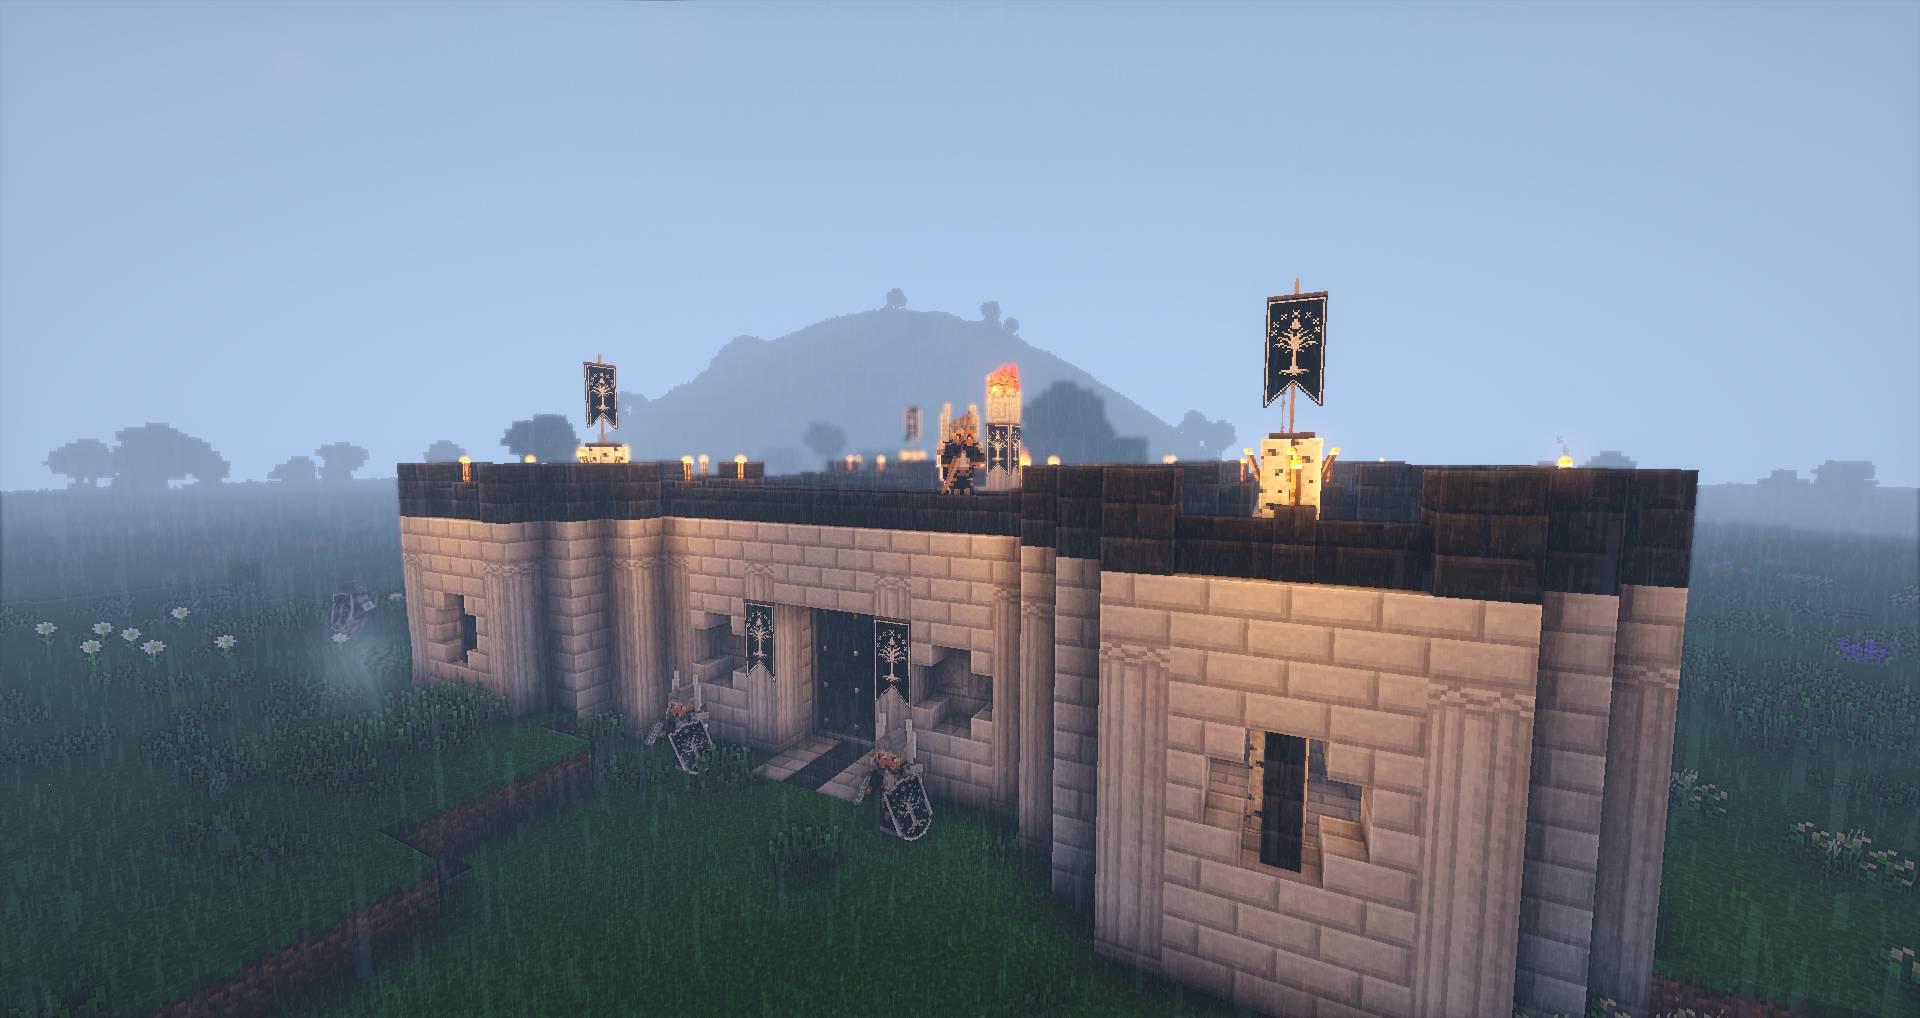 雨中的刚铎要塞